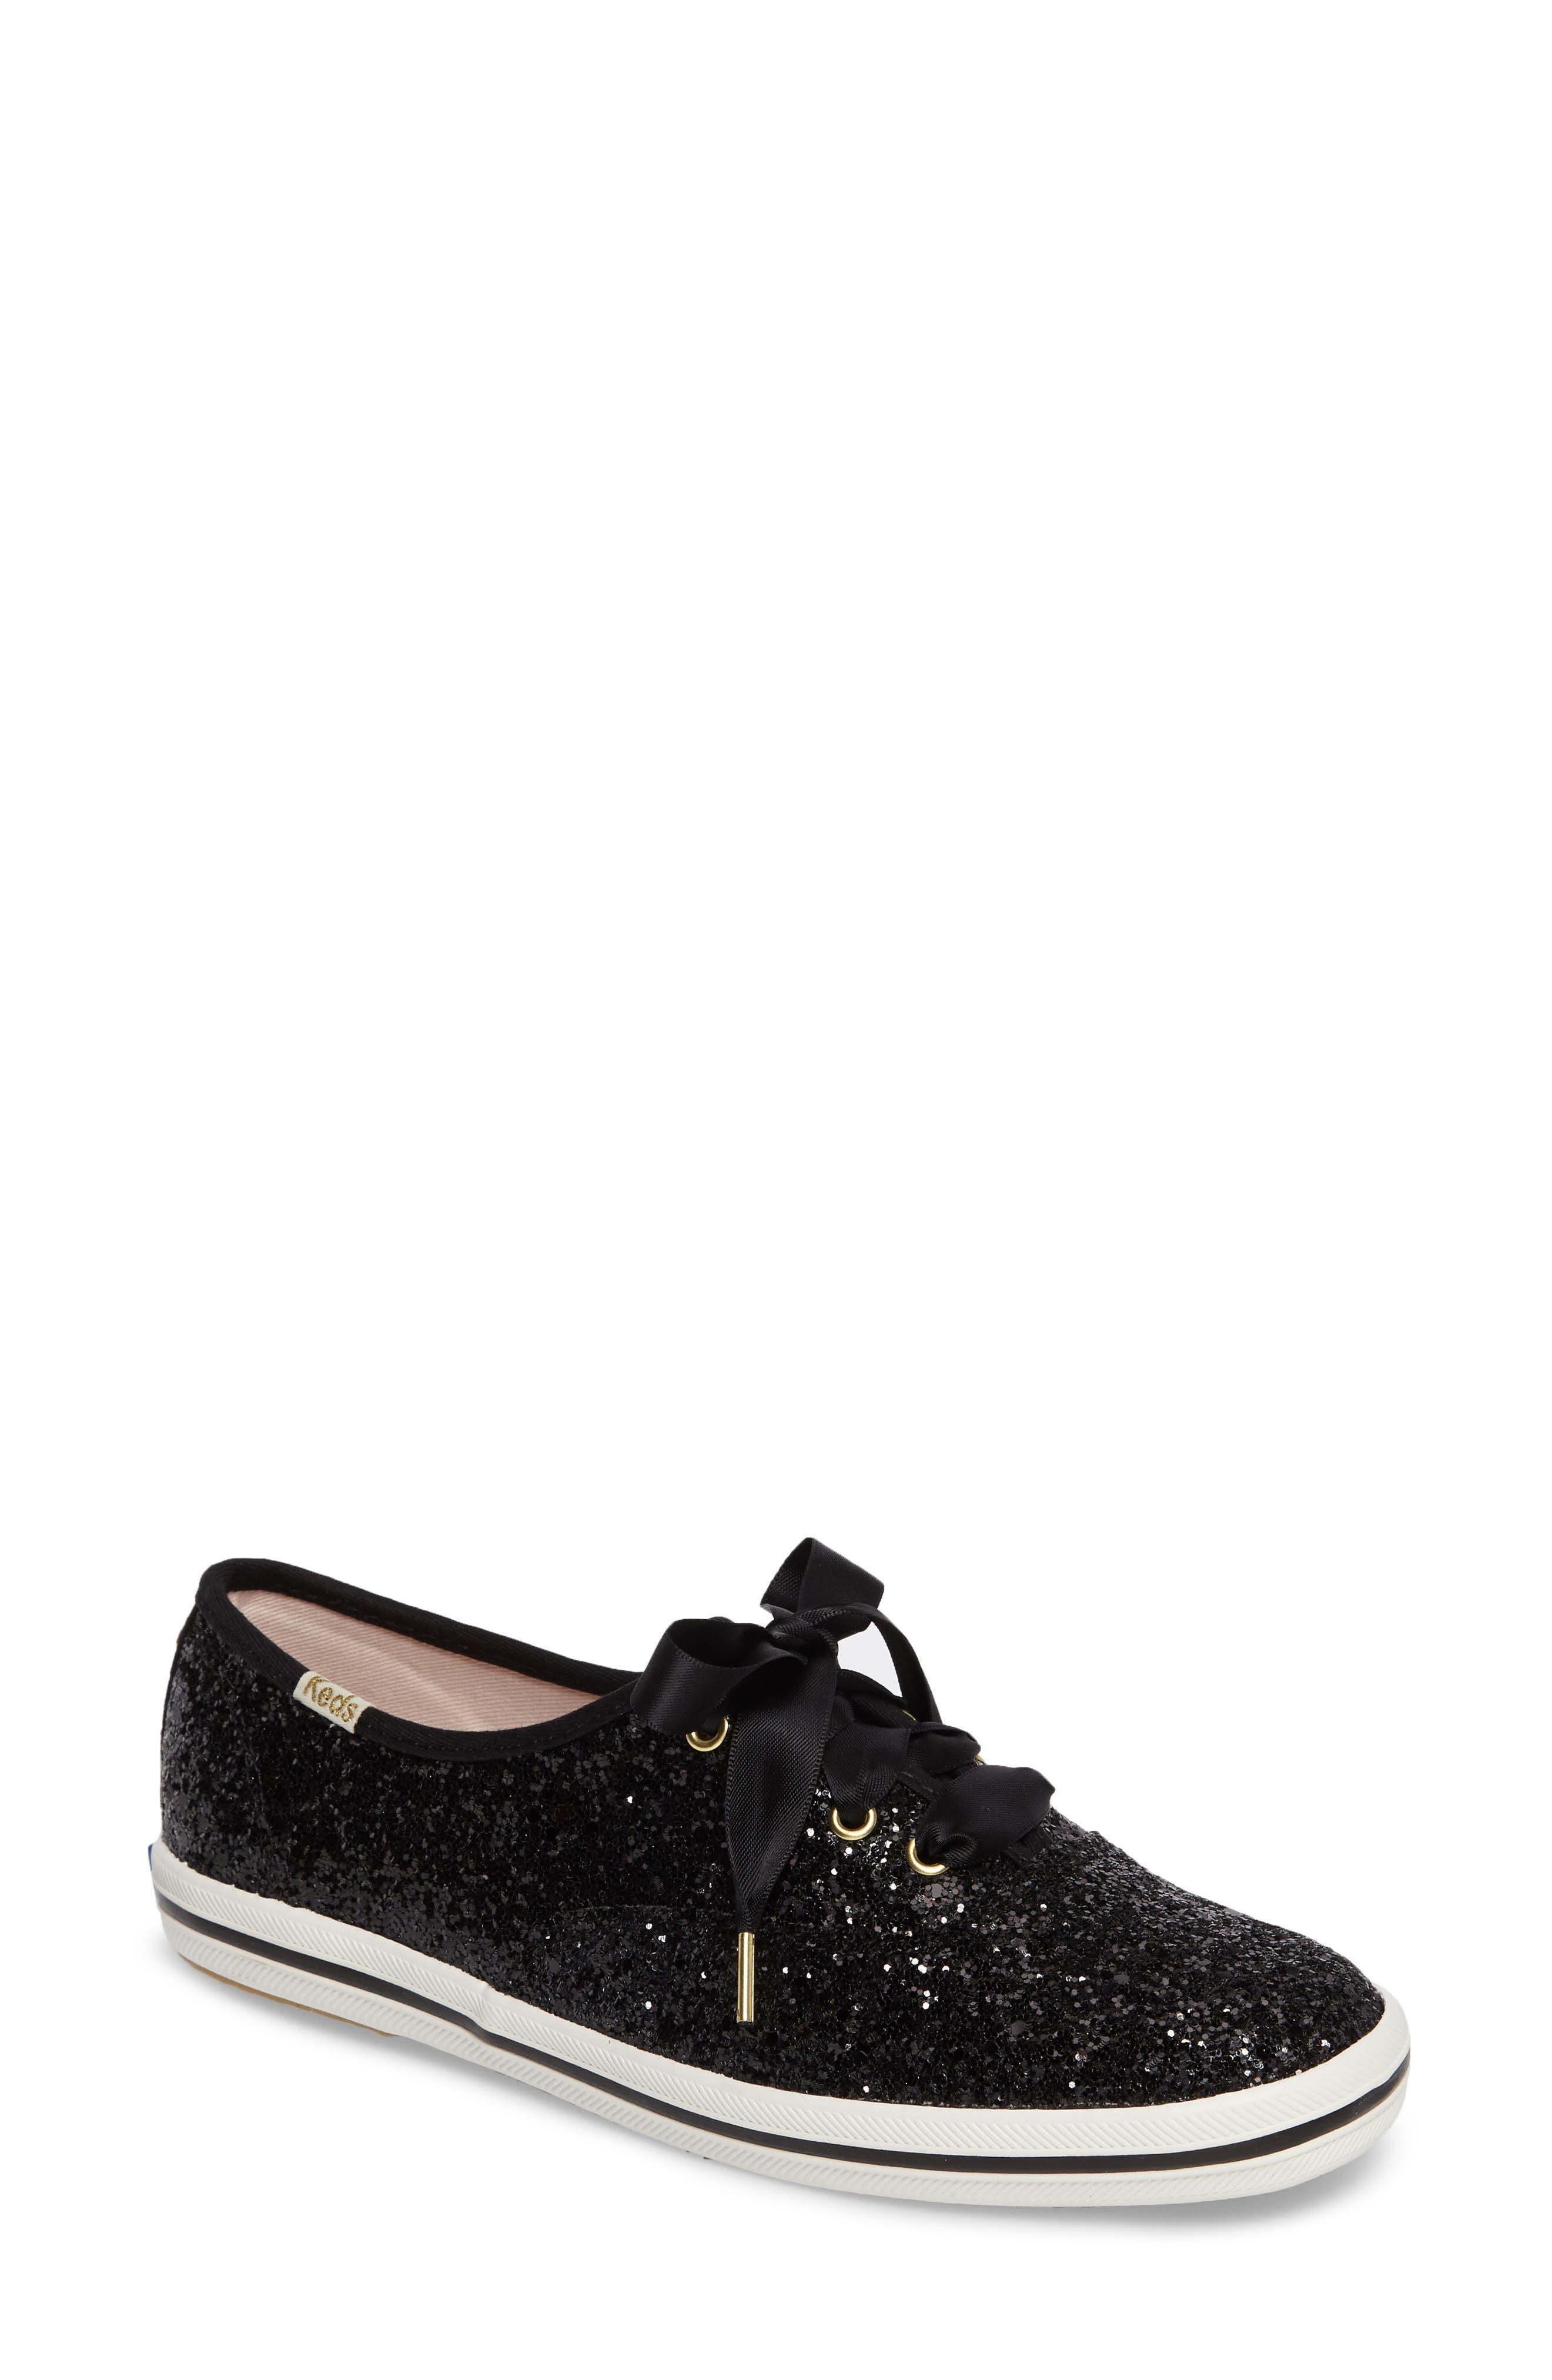 ccf7ac17f11 kate spade glitter shoe